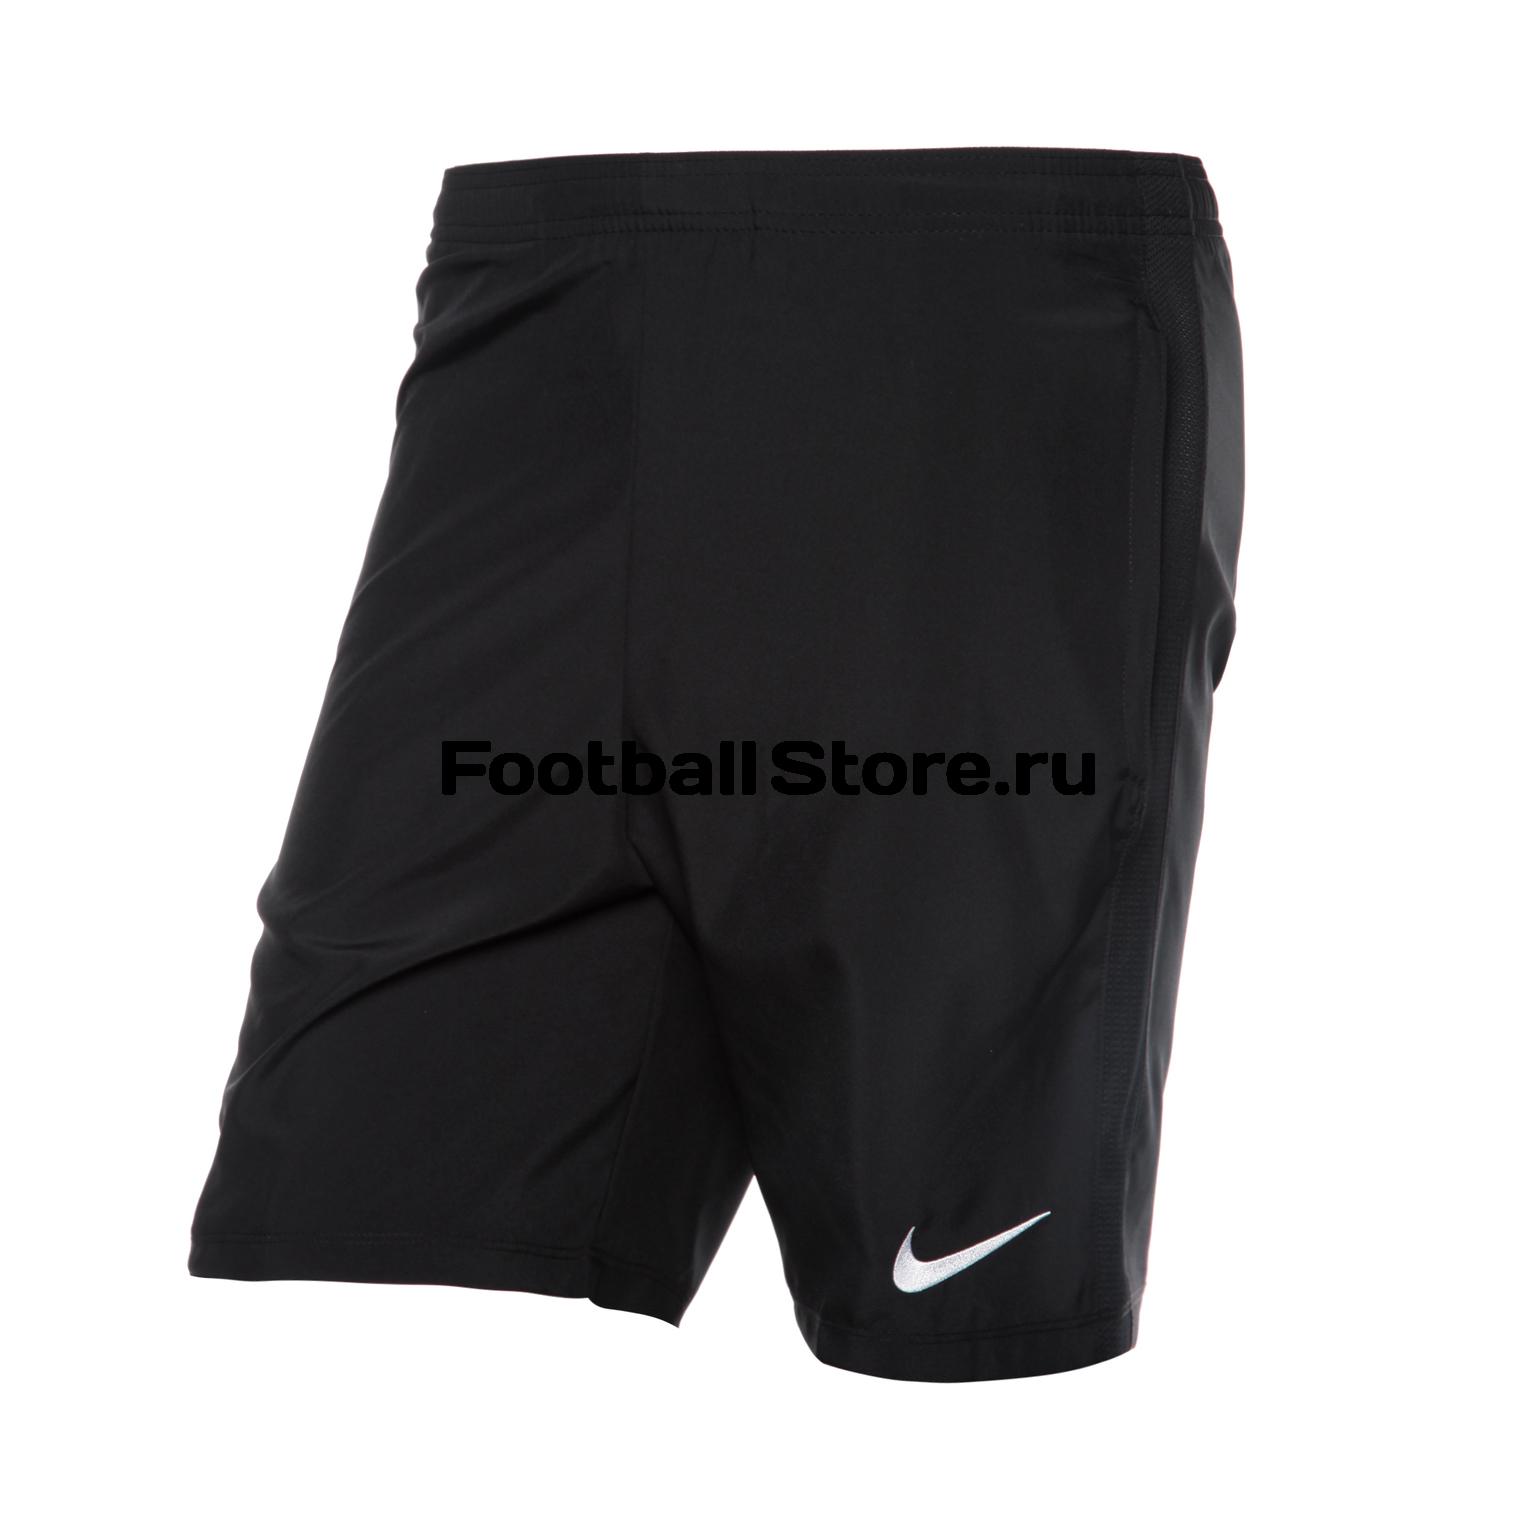 Шорты тренировочные Nike Dry Academy18 Short WZ 893787-010 nike брюки тренировочные nike strike pnt wp wz 688393 011